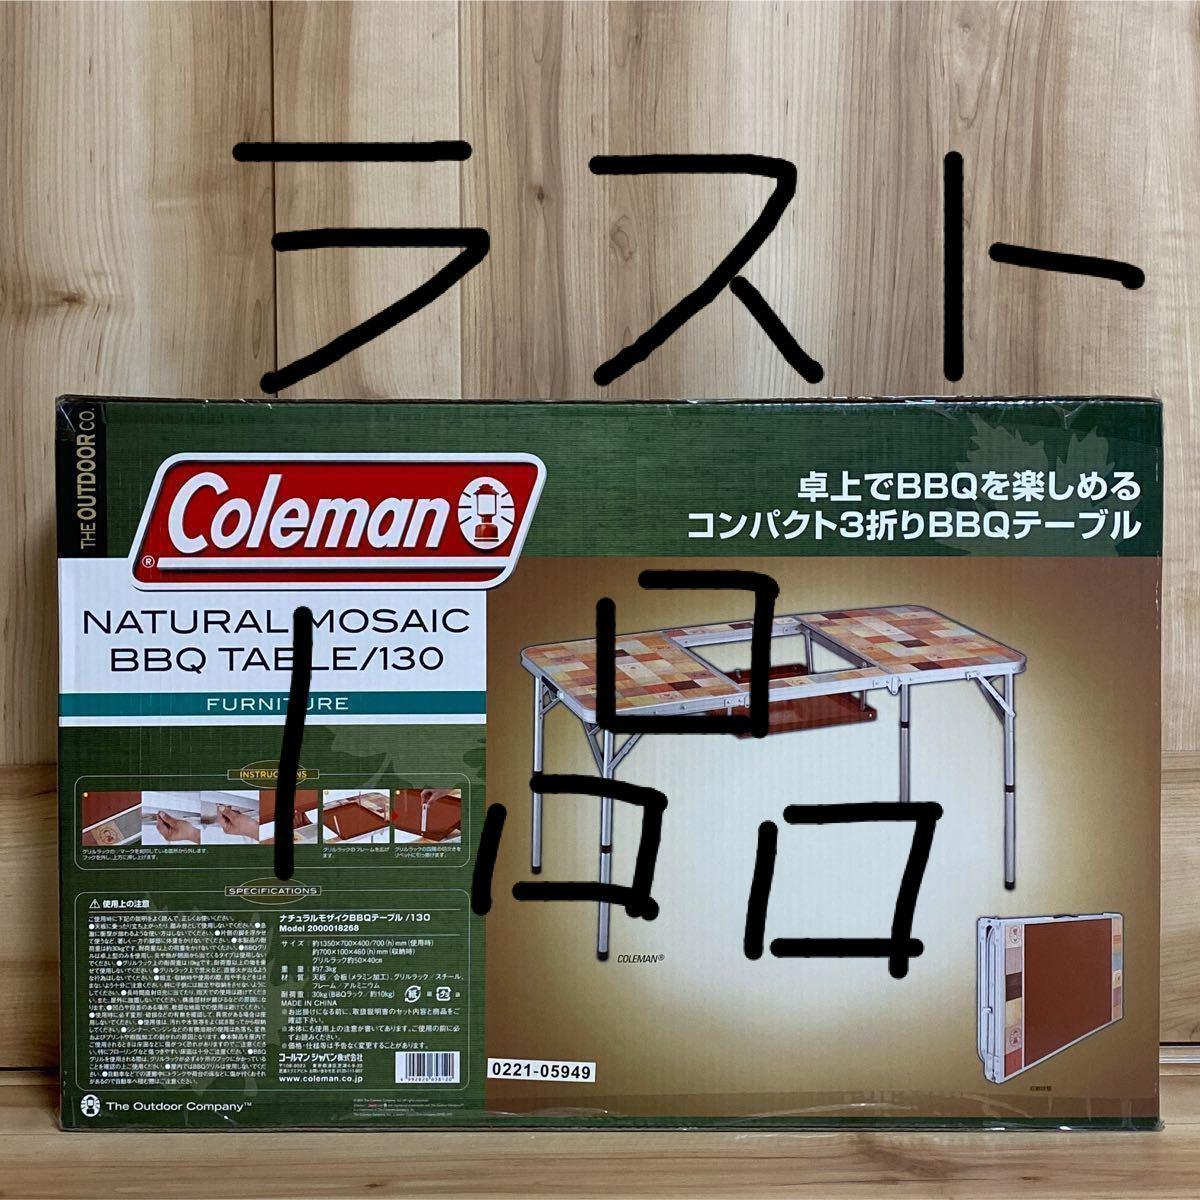 コールマンテーブル コールマン ナチュラル モザイク BBQテーブル/130